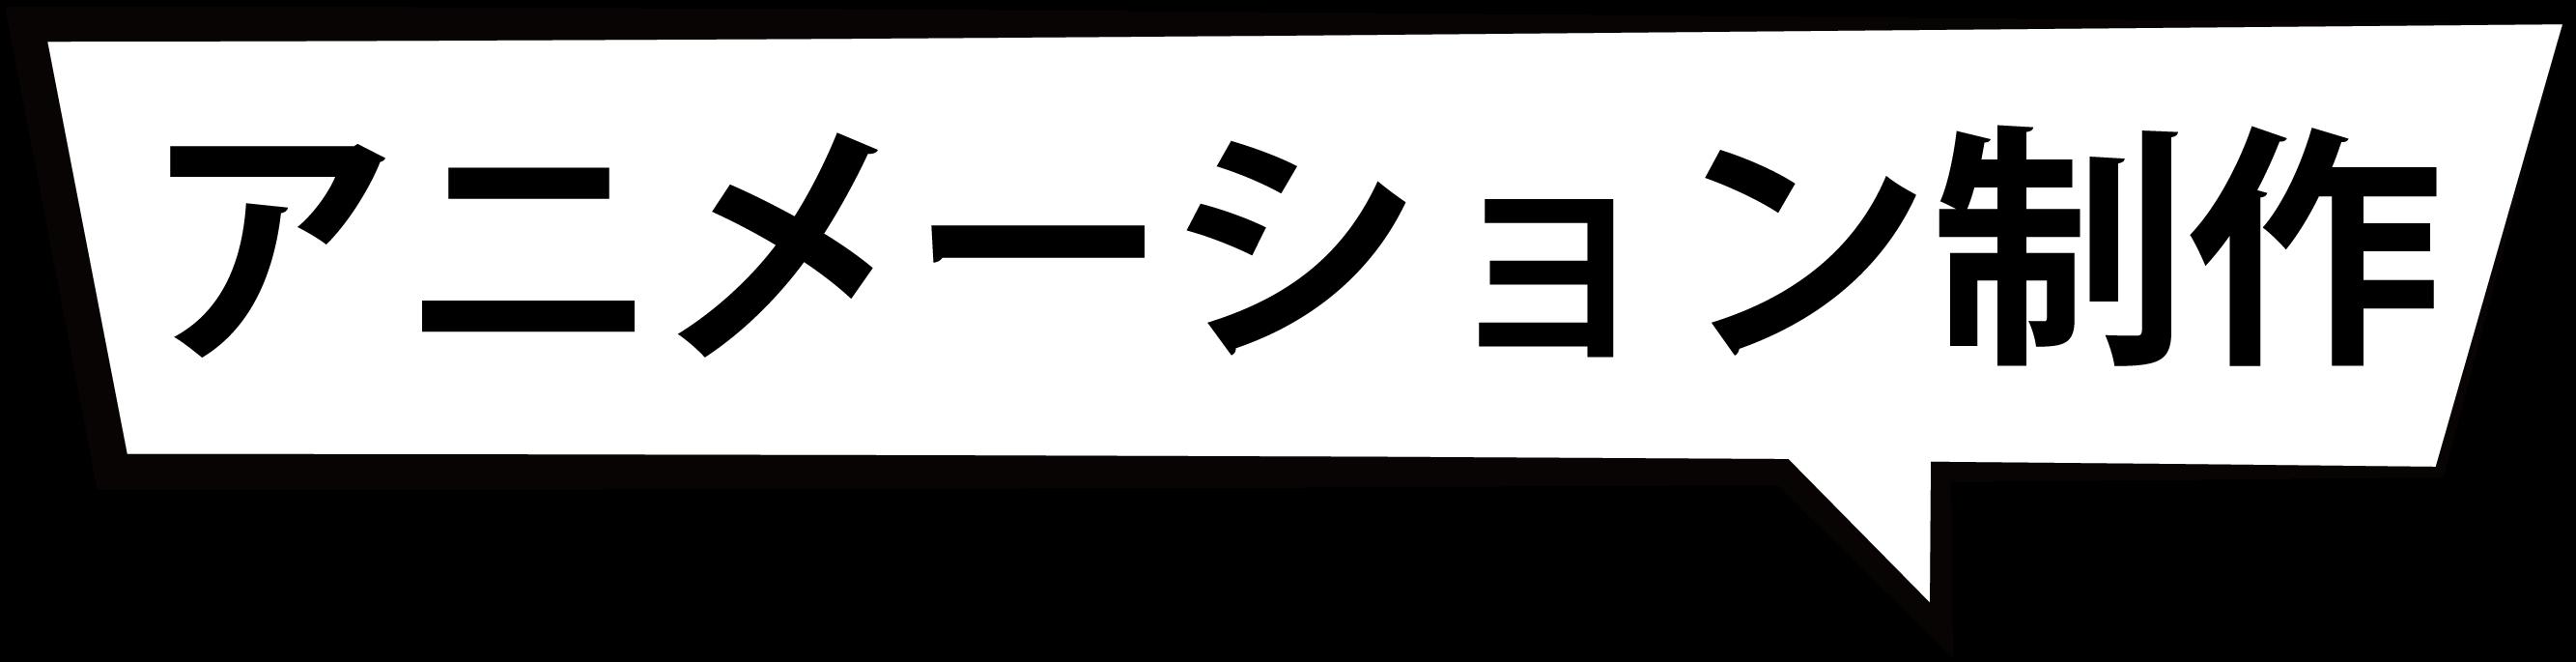 アニメーション制作